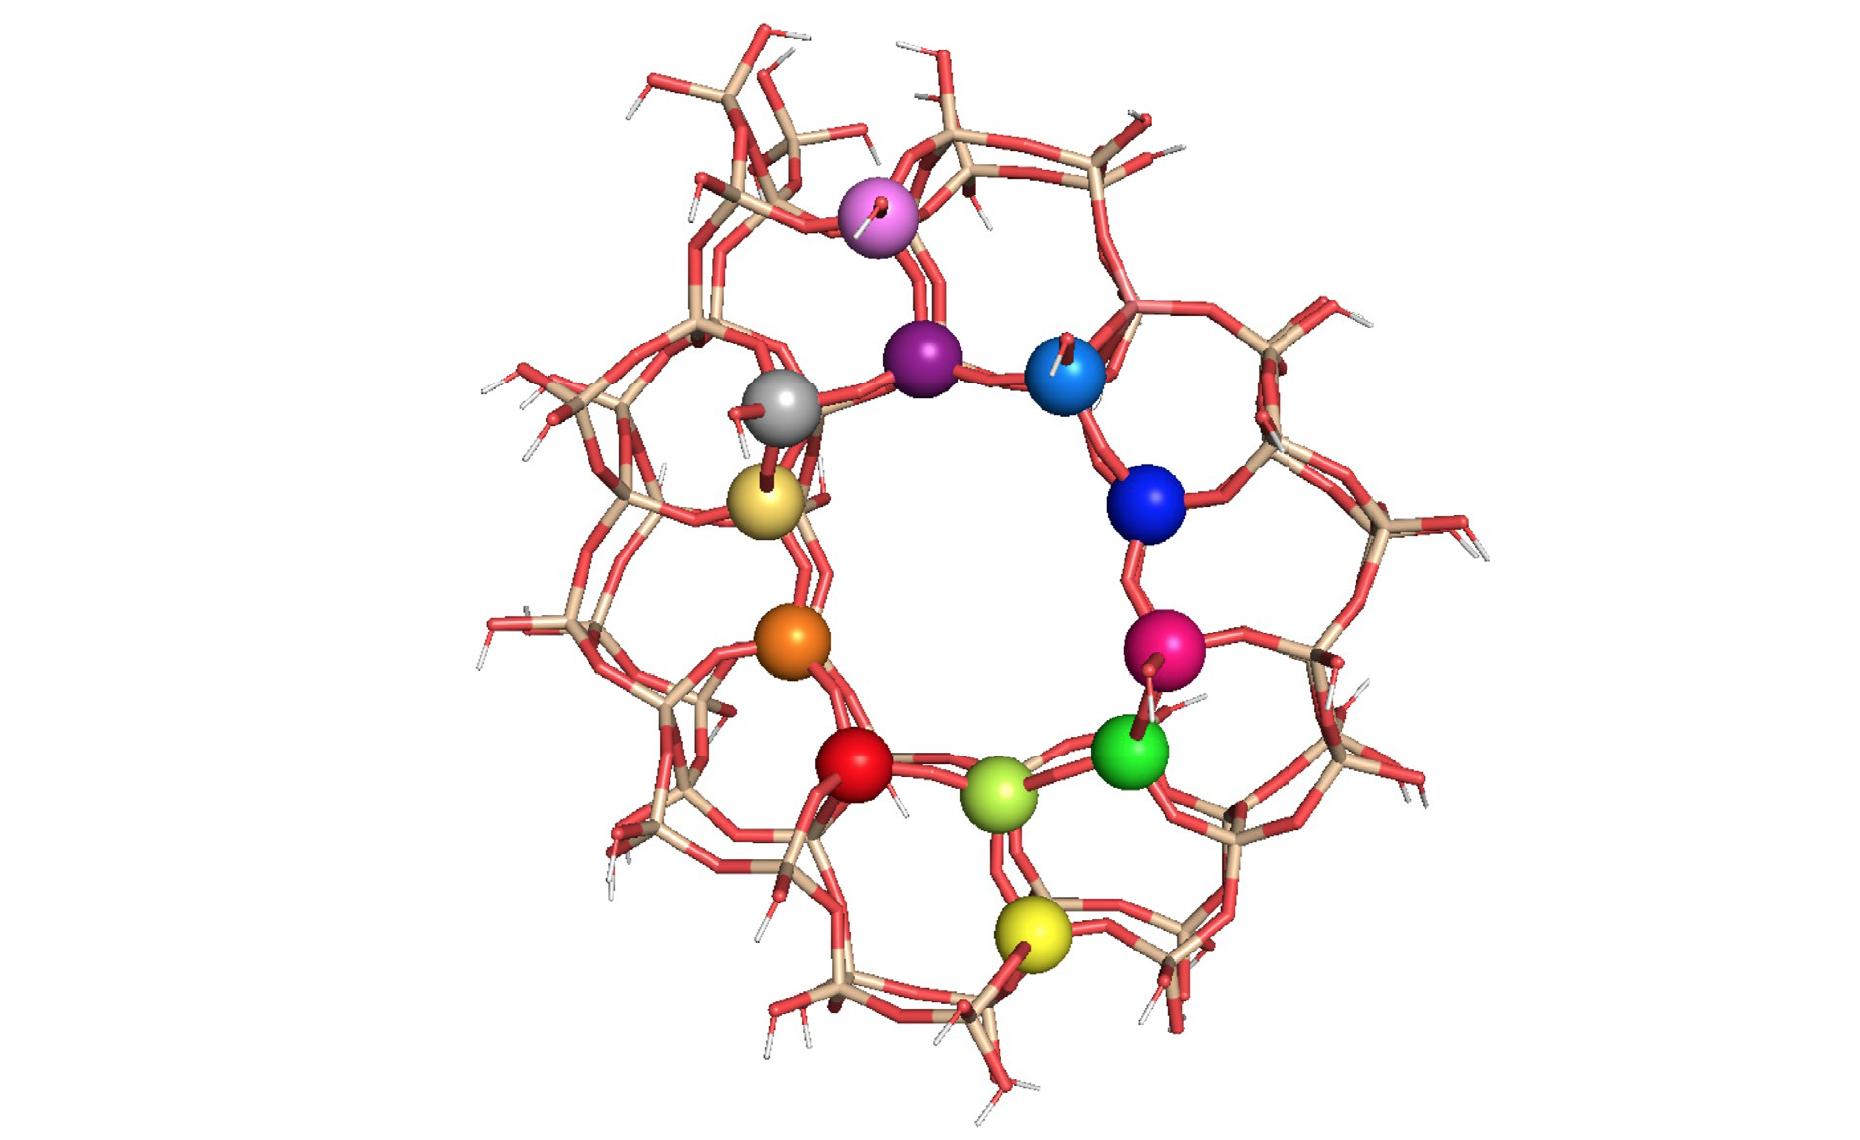 Молекулярная структура ST-1